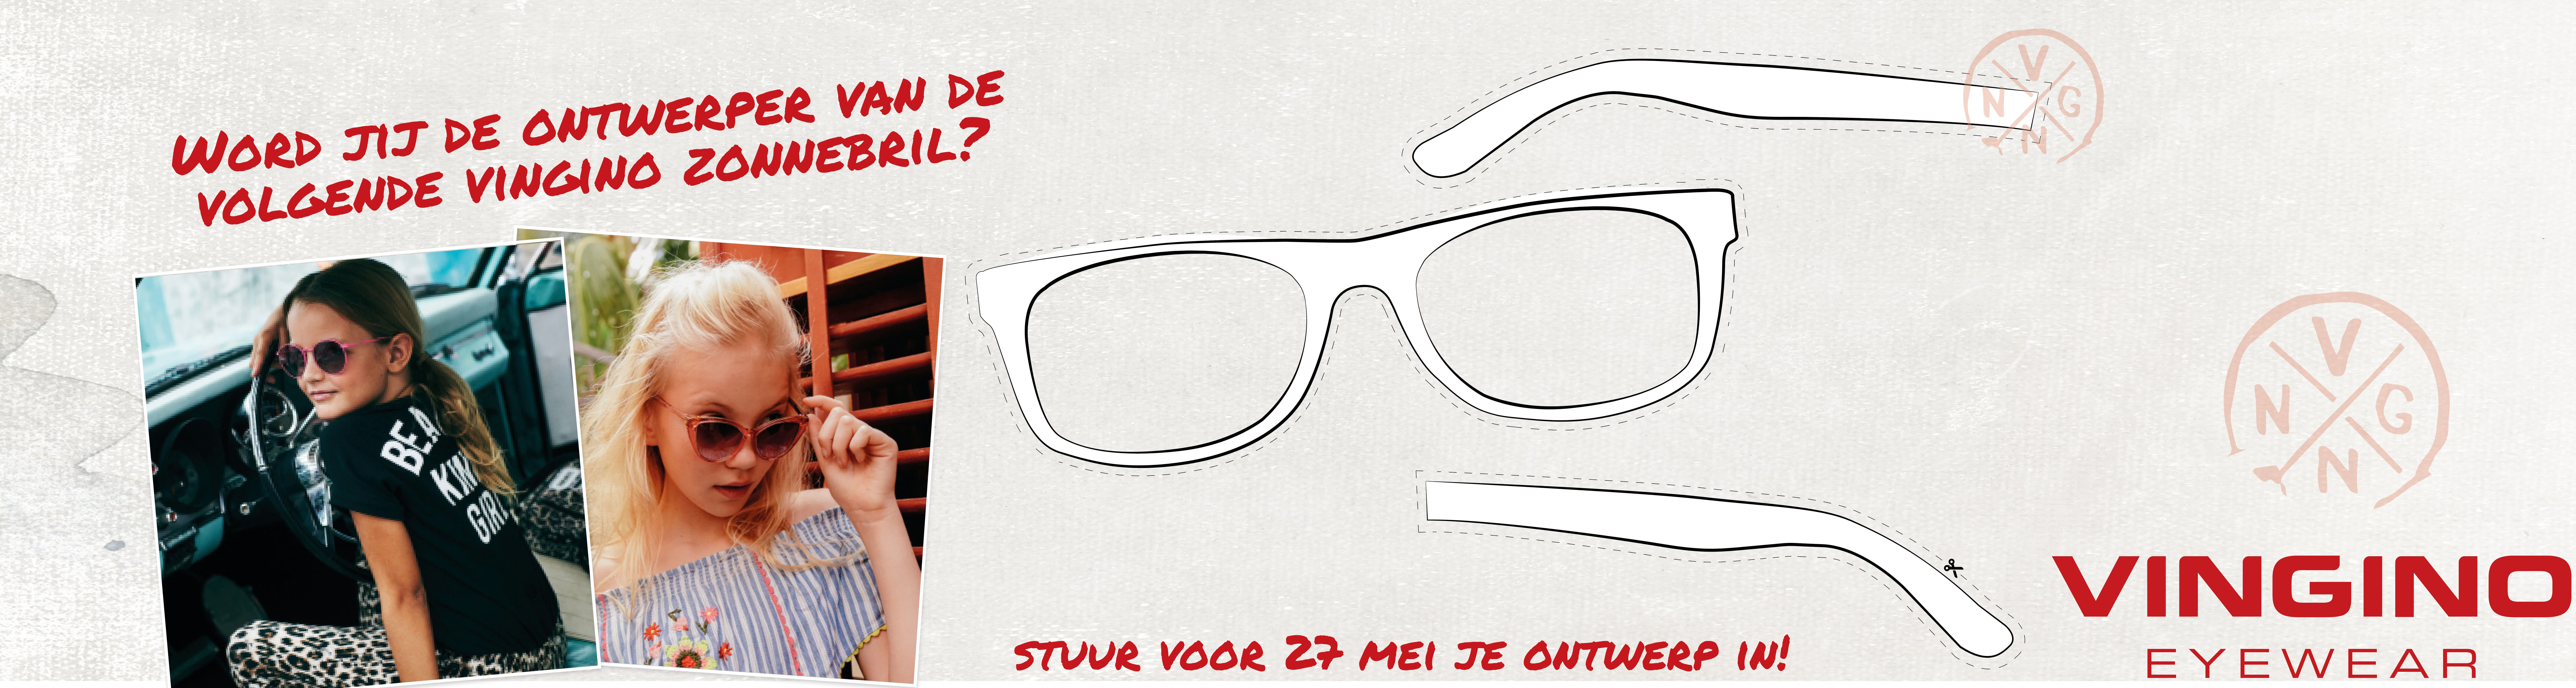 Deel een foto van jezelf met jouw Vingino bril en win mooie prijzen!